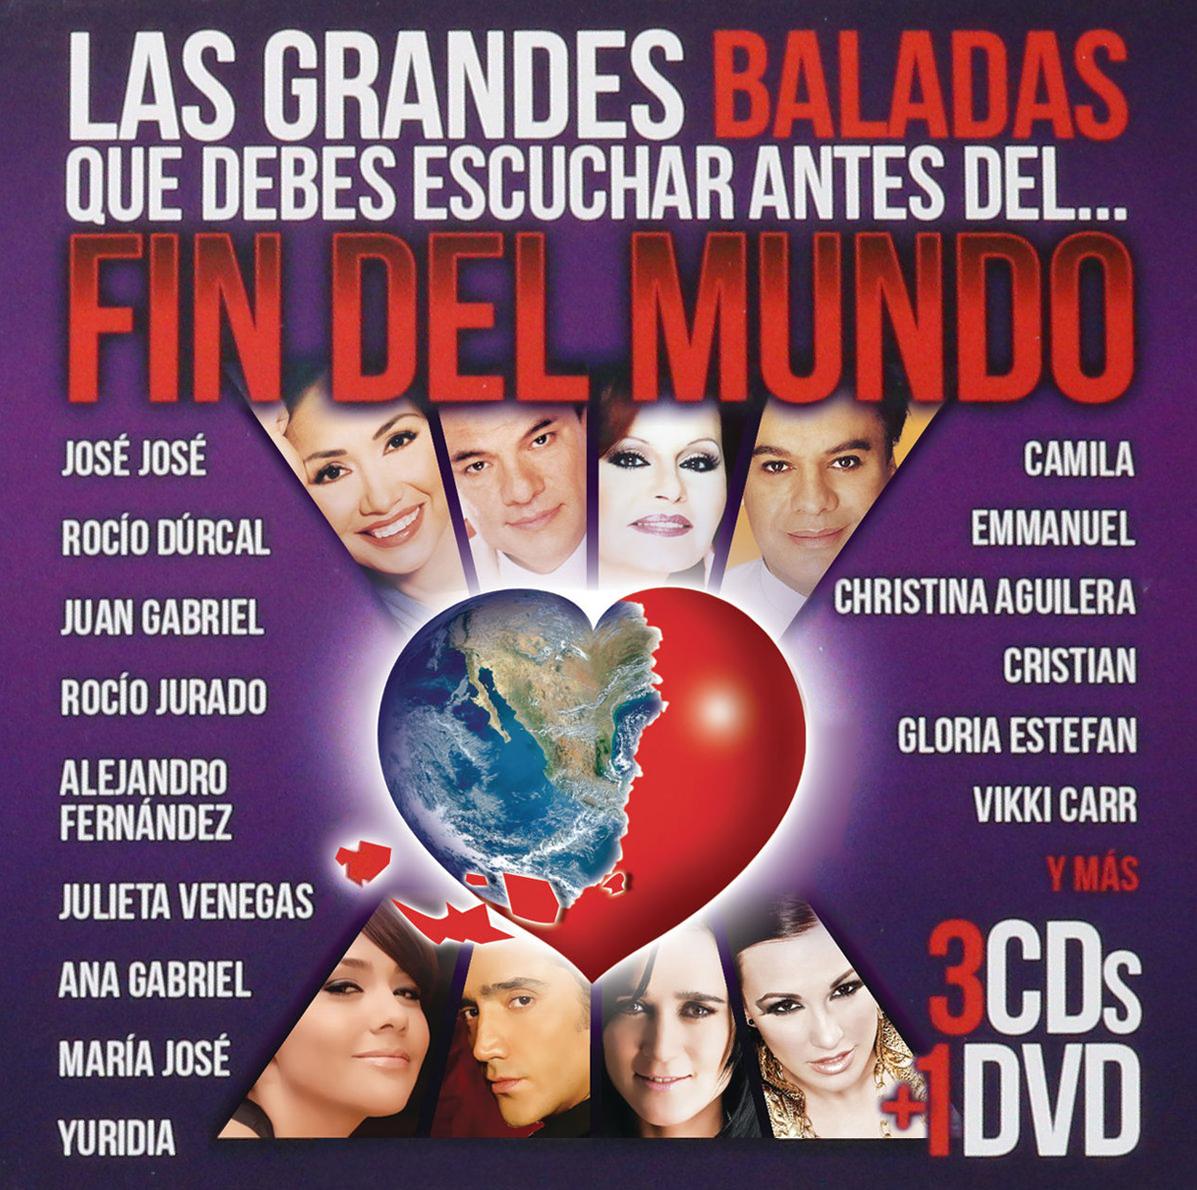 Grandes baladas escuchar fin mundo DVD